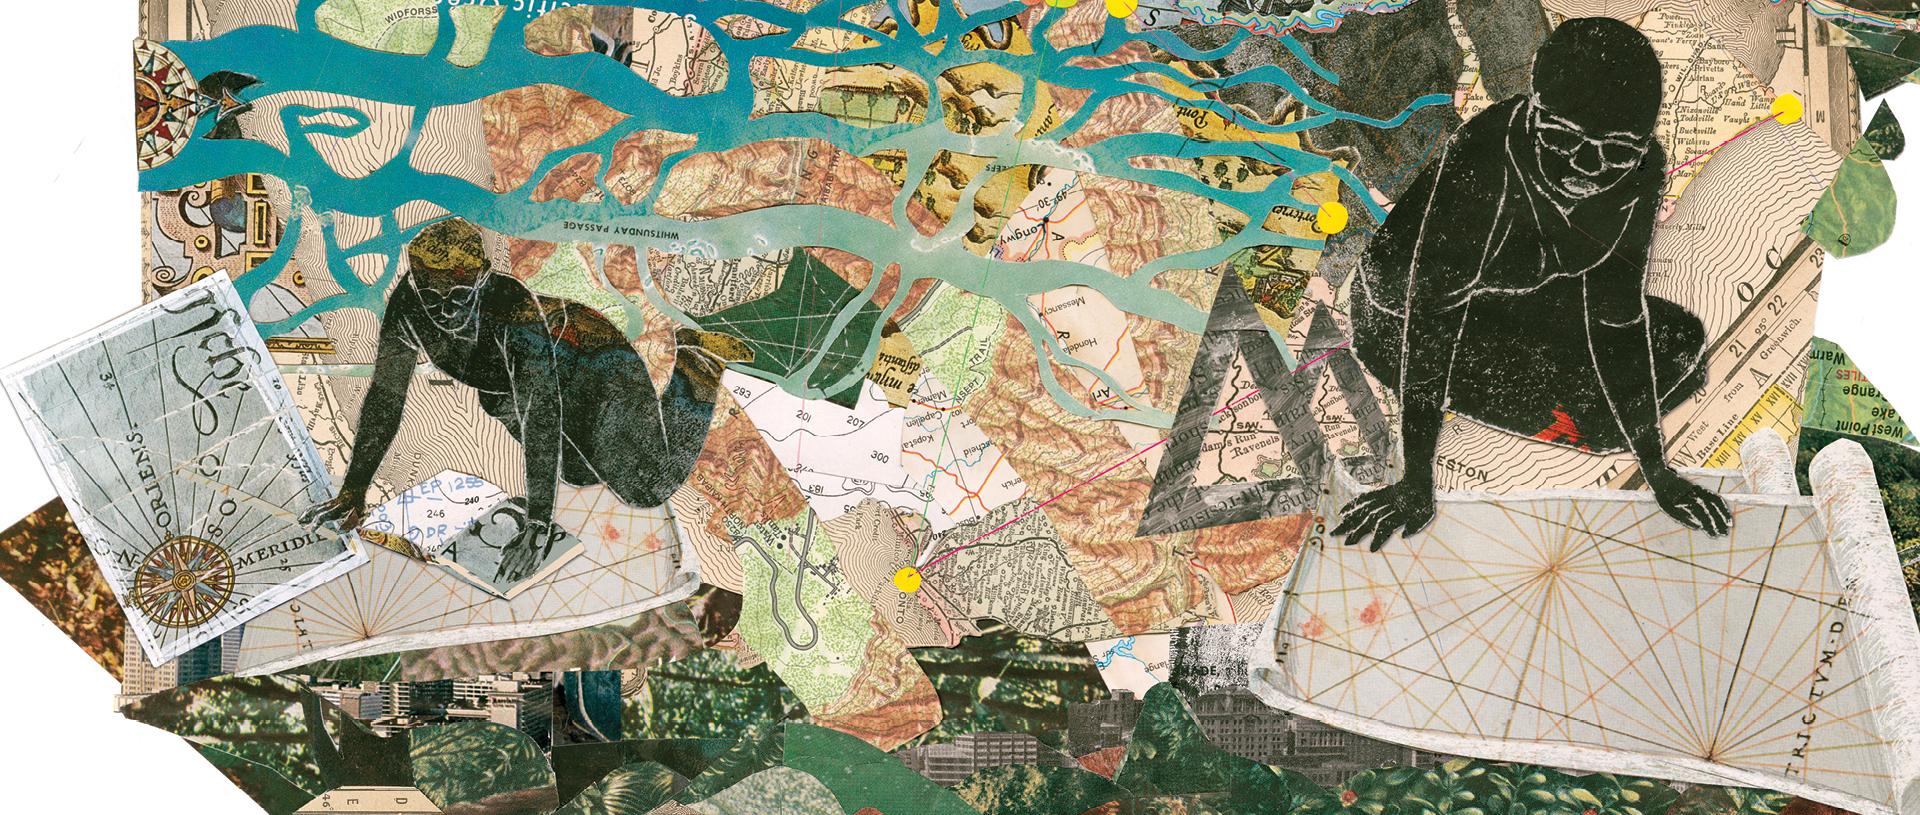 map making illustration banner